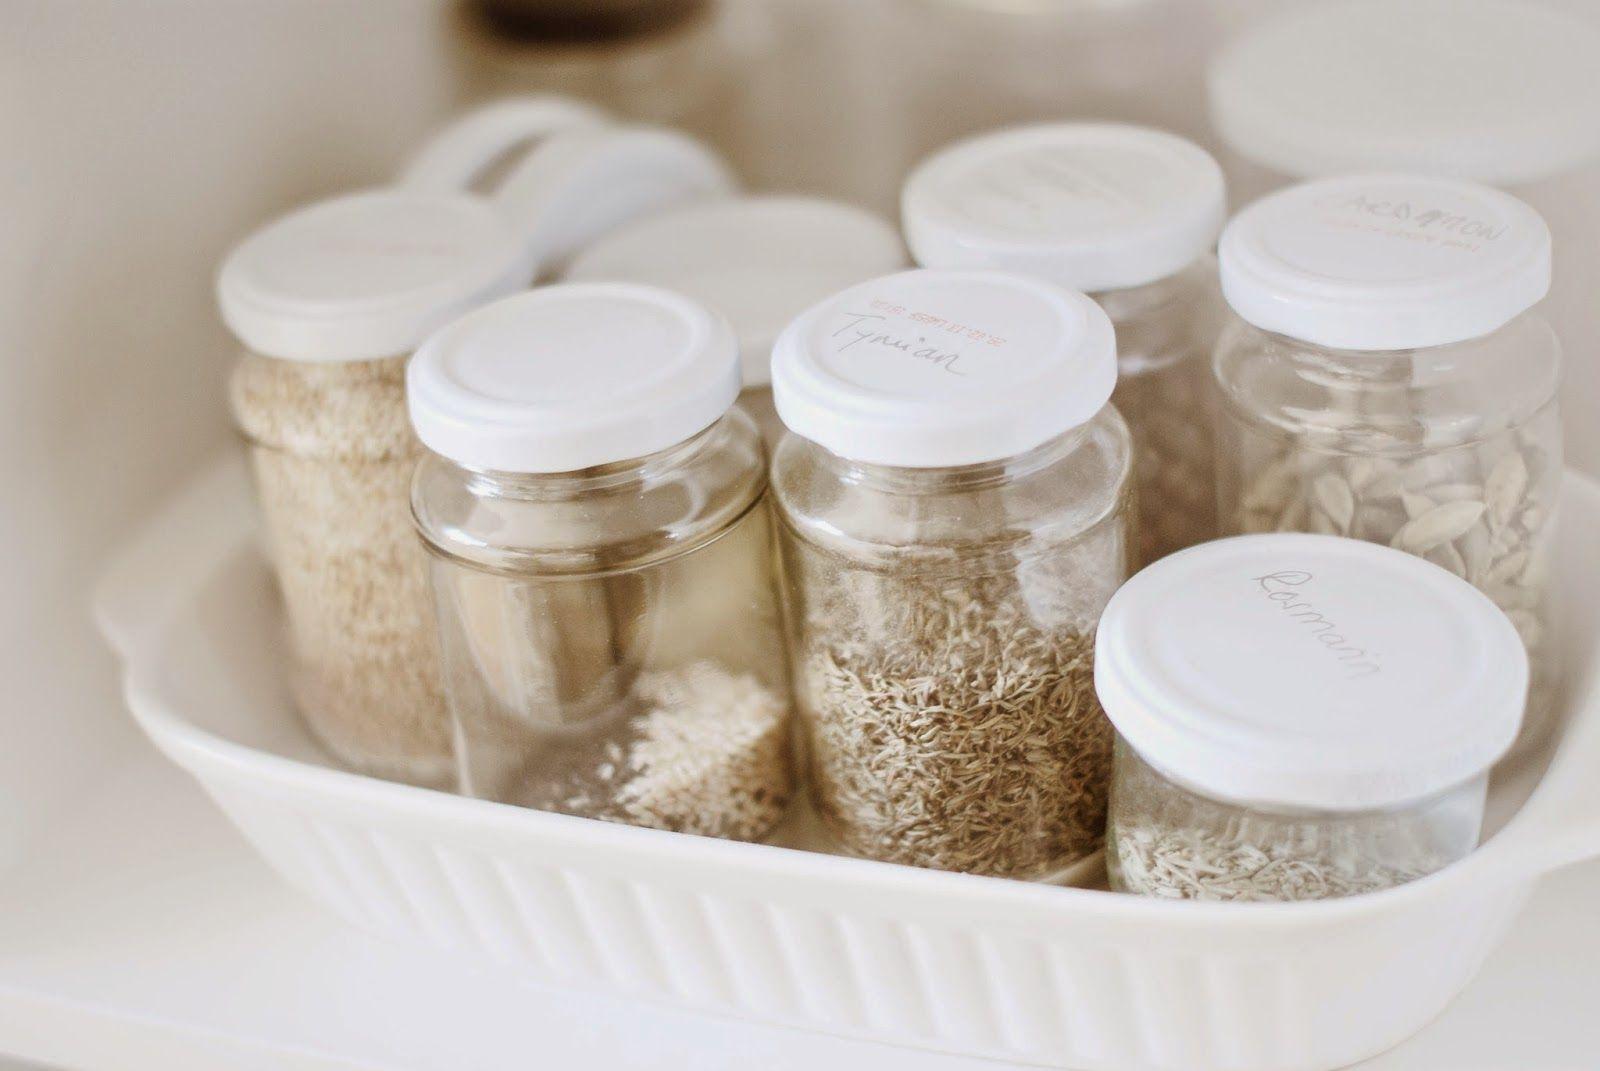 Iby Lippold Haushaltstipps Aufbewahrung Küche